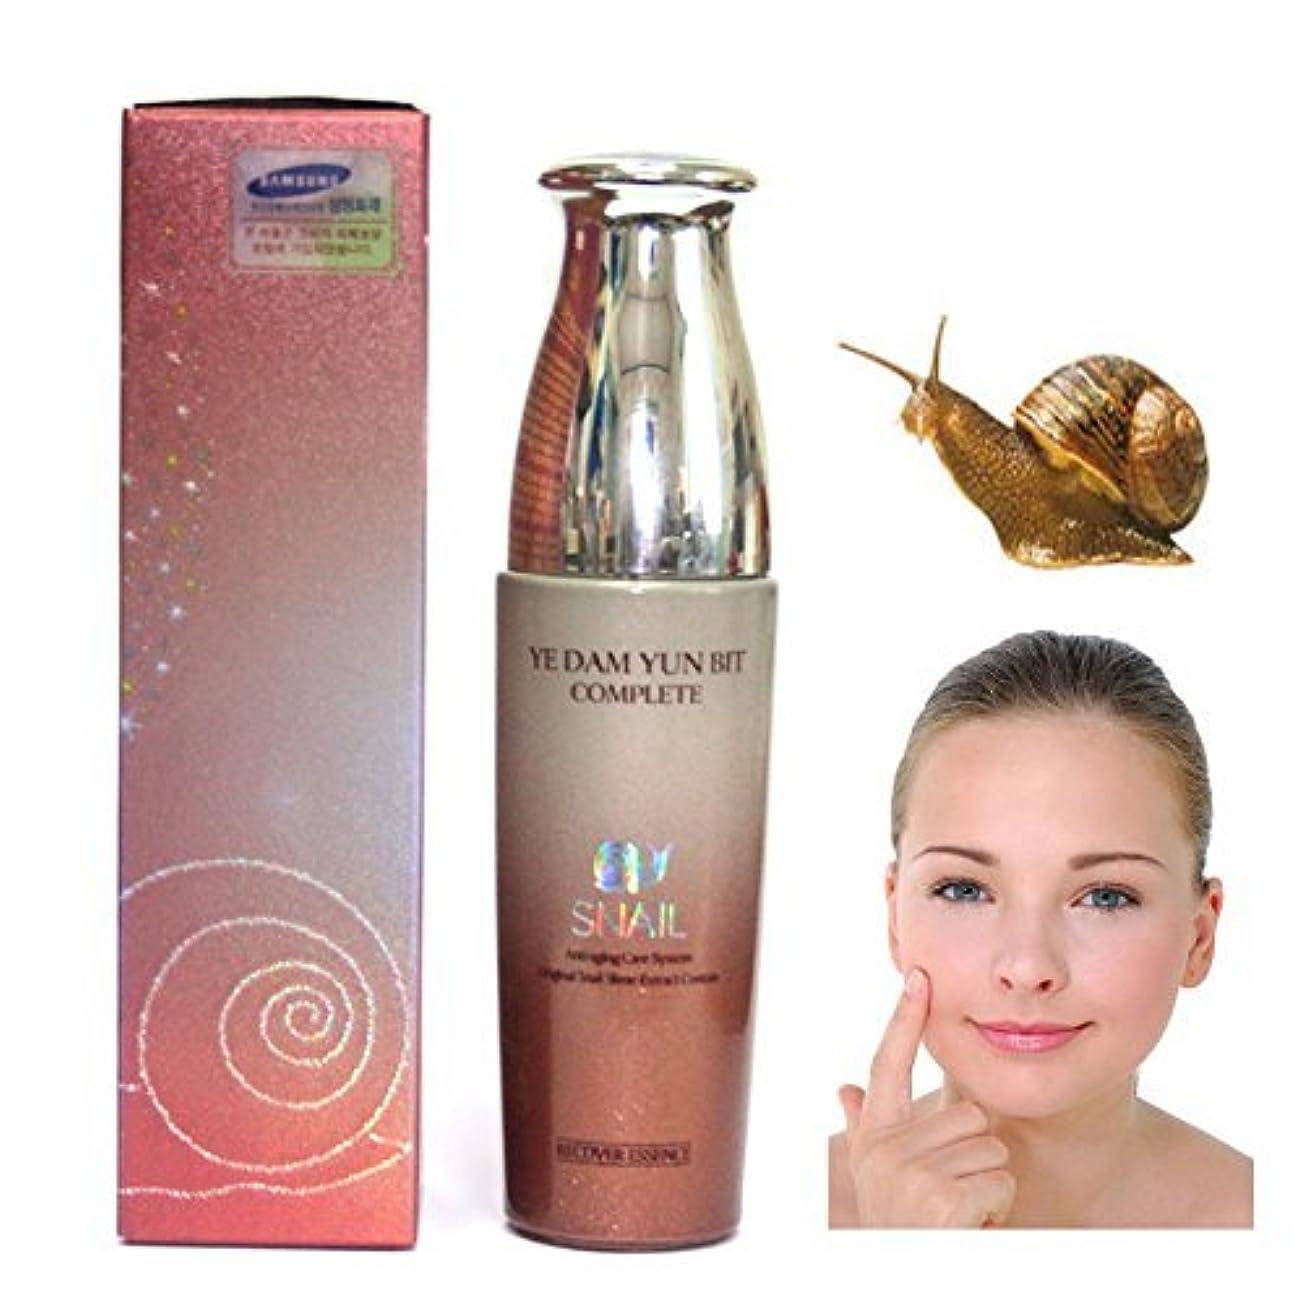 ところで失効一杯[YEDAM YUN BIT] 完璧なスキンカタツムリ女エッセンス50ml/COMPLETE SKIN Snail Woman Essence 50ml/韓国化粧品/Korean cosmetics [並行輸入品]